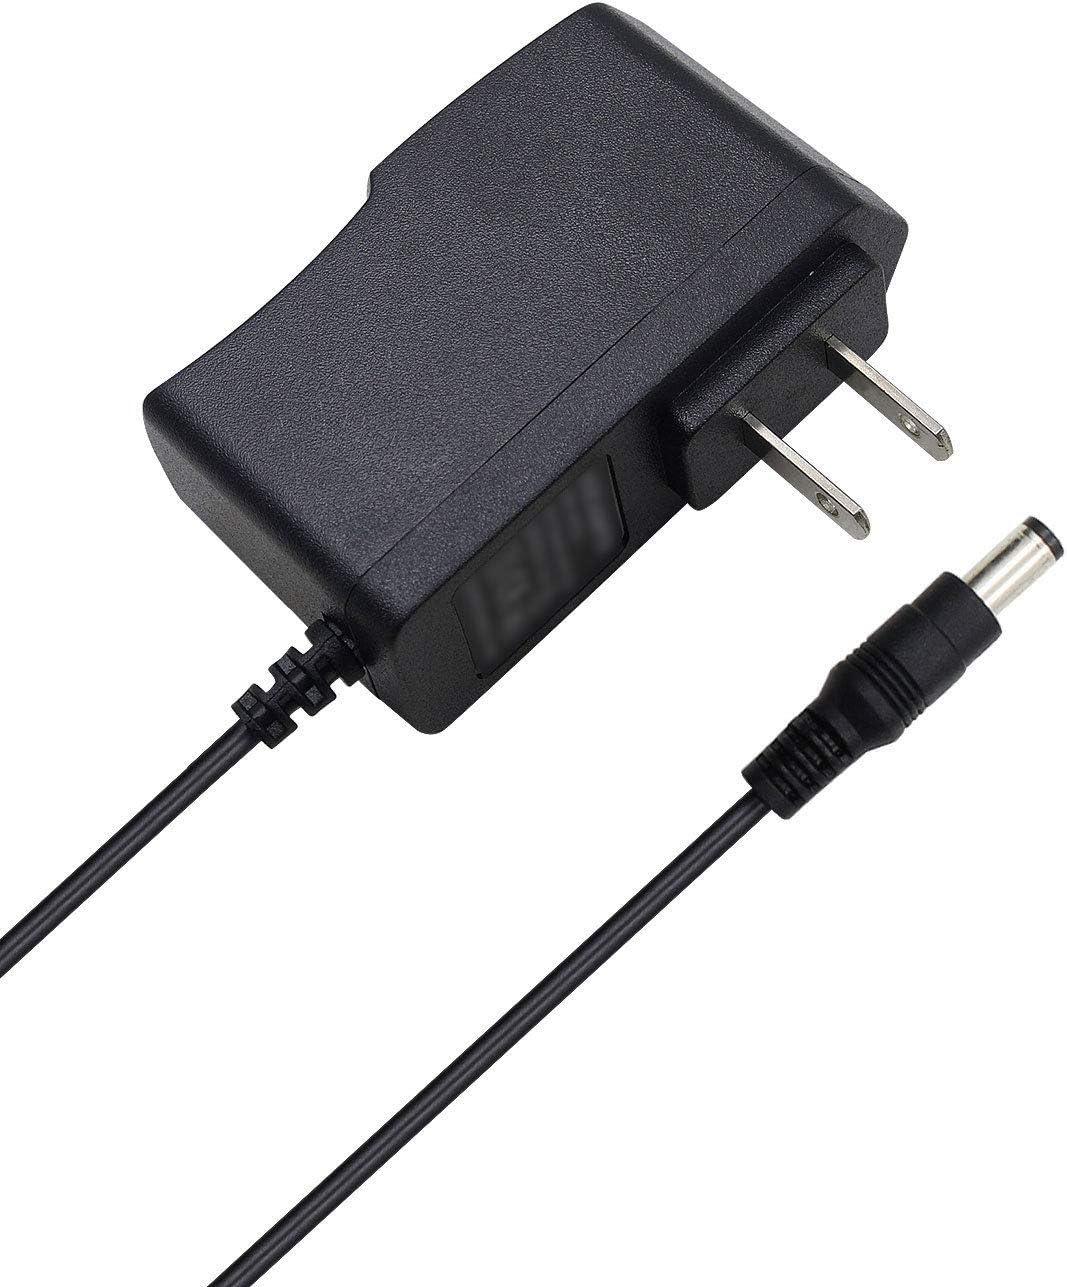 AC//DC Adapter Power Cord for Foscam FI9804W FI9821W FI9831W Wireless Camera